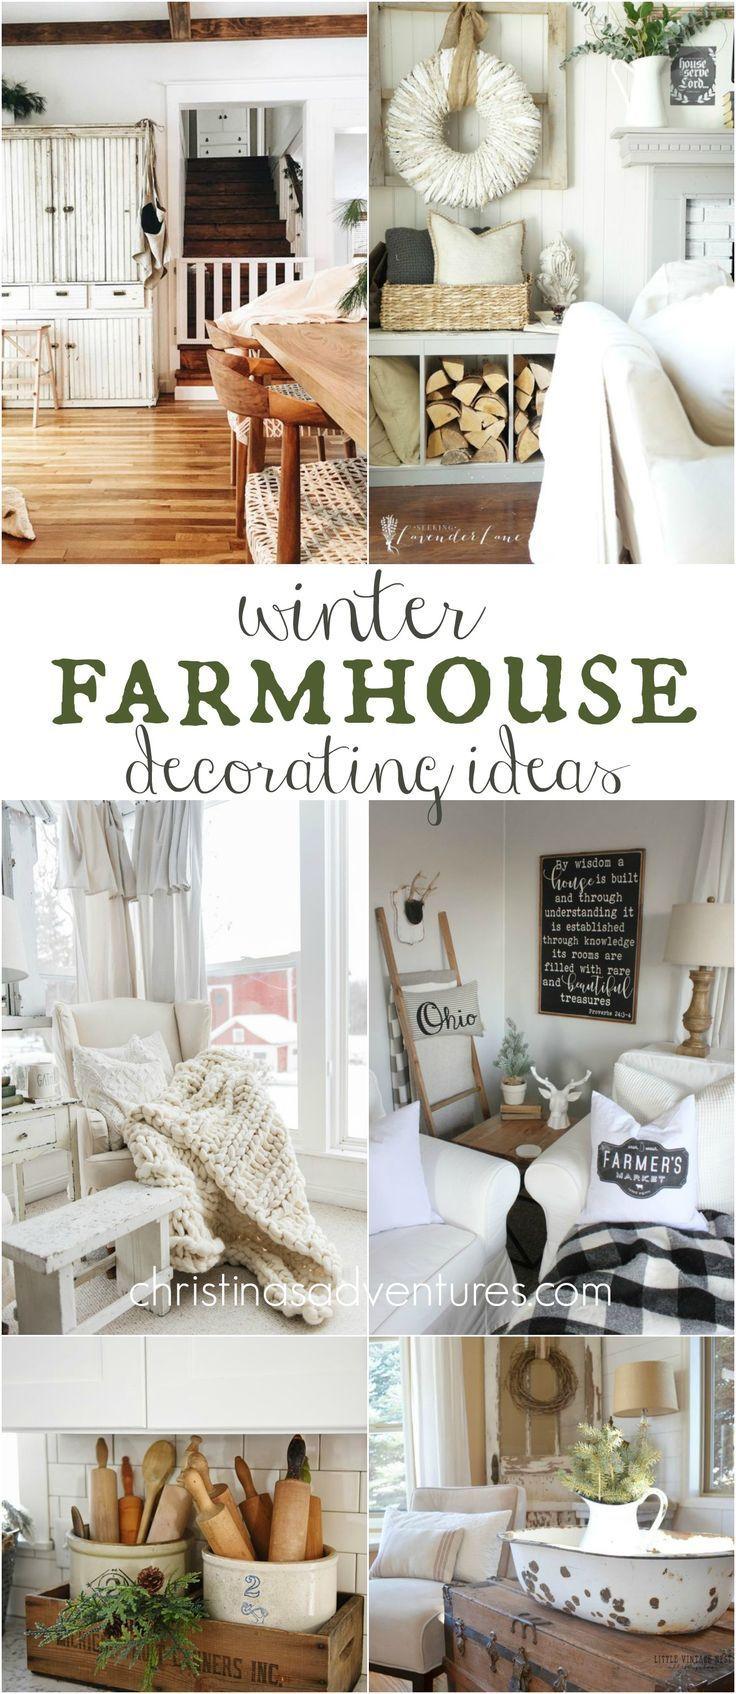 Winter Farmhouse Decorating Ideas Christina Maria Blog Farm House Living Room Unique Home Decor Country House Decor